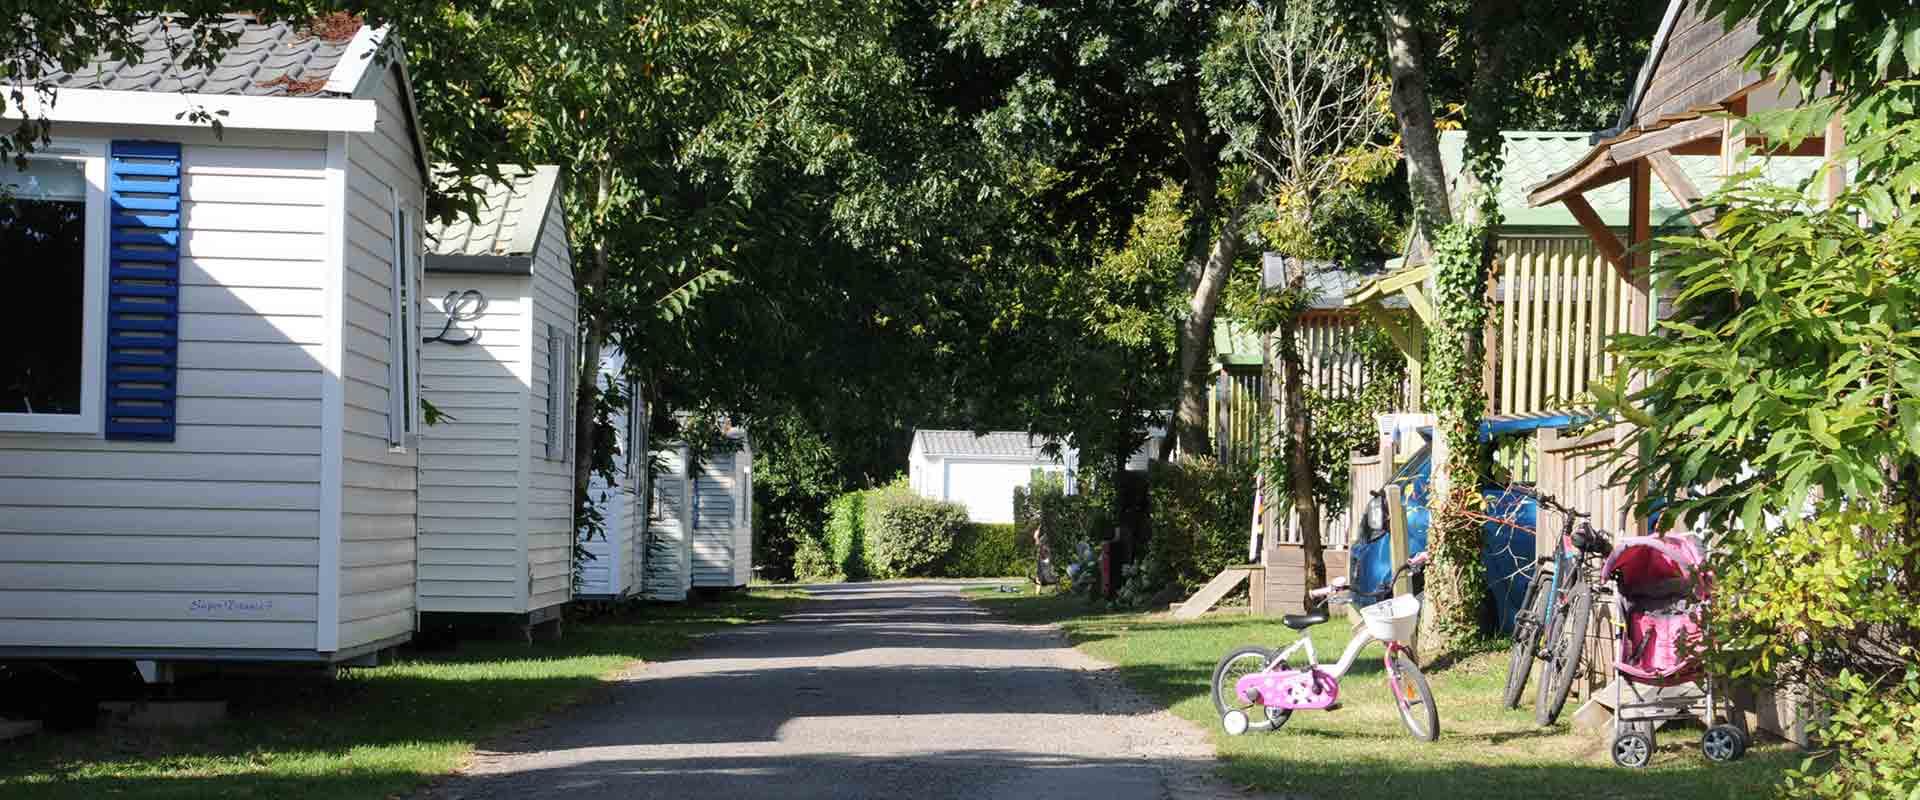 Mobil Homes Damgan Hébergements Insolites Morbihan Sud pour Camping Damgan Avec Piscine